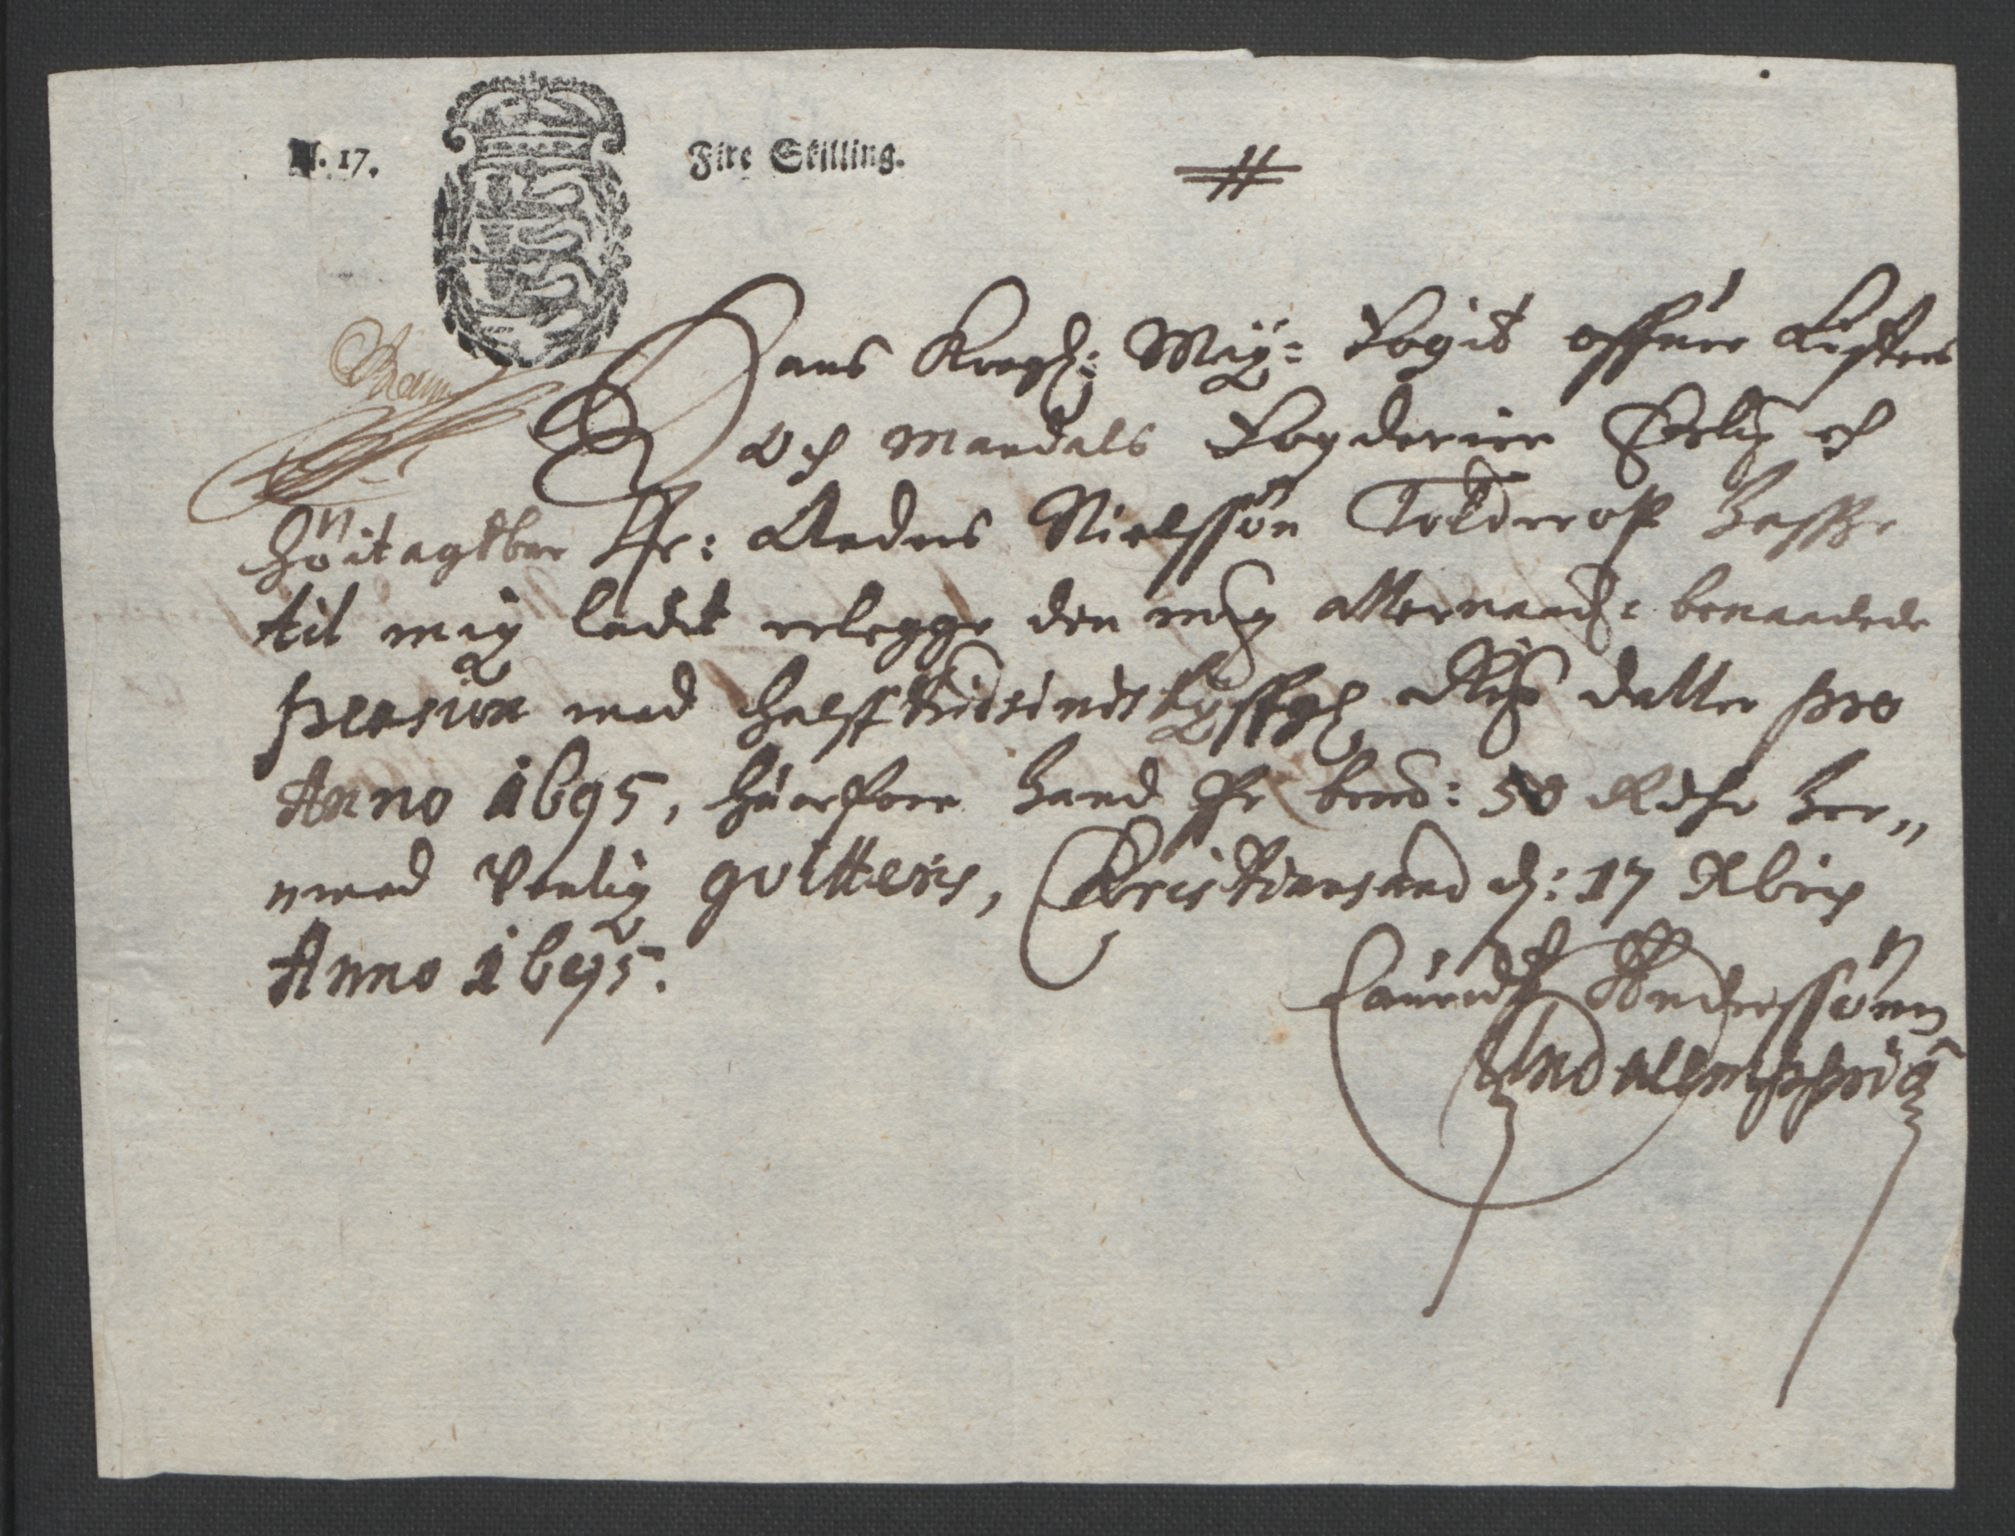 RA, Rentekammeret inntil 1814, Reviderte regnskaper, Fogderegnskap, R43/L2545: Fogderegnskap Lista og Mandal, 1694-1695, s. 304